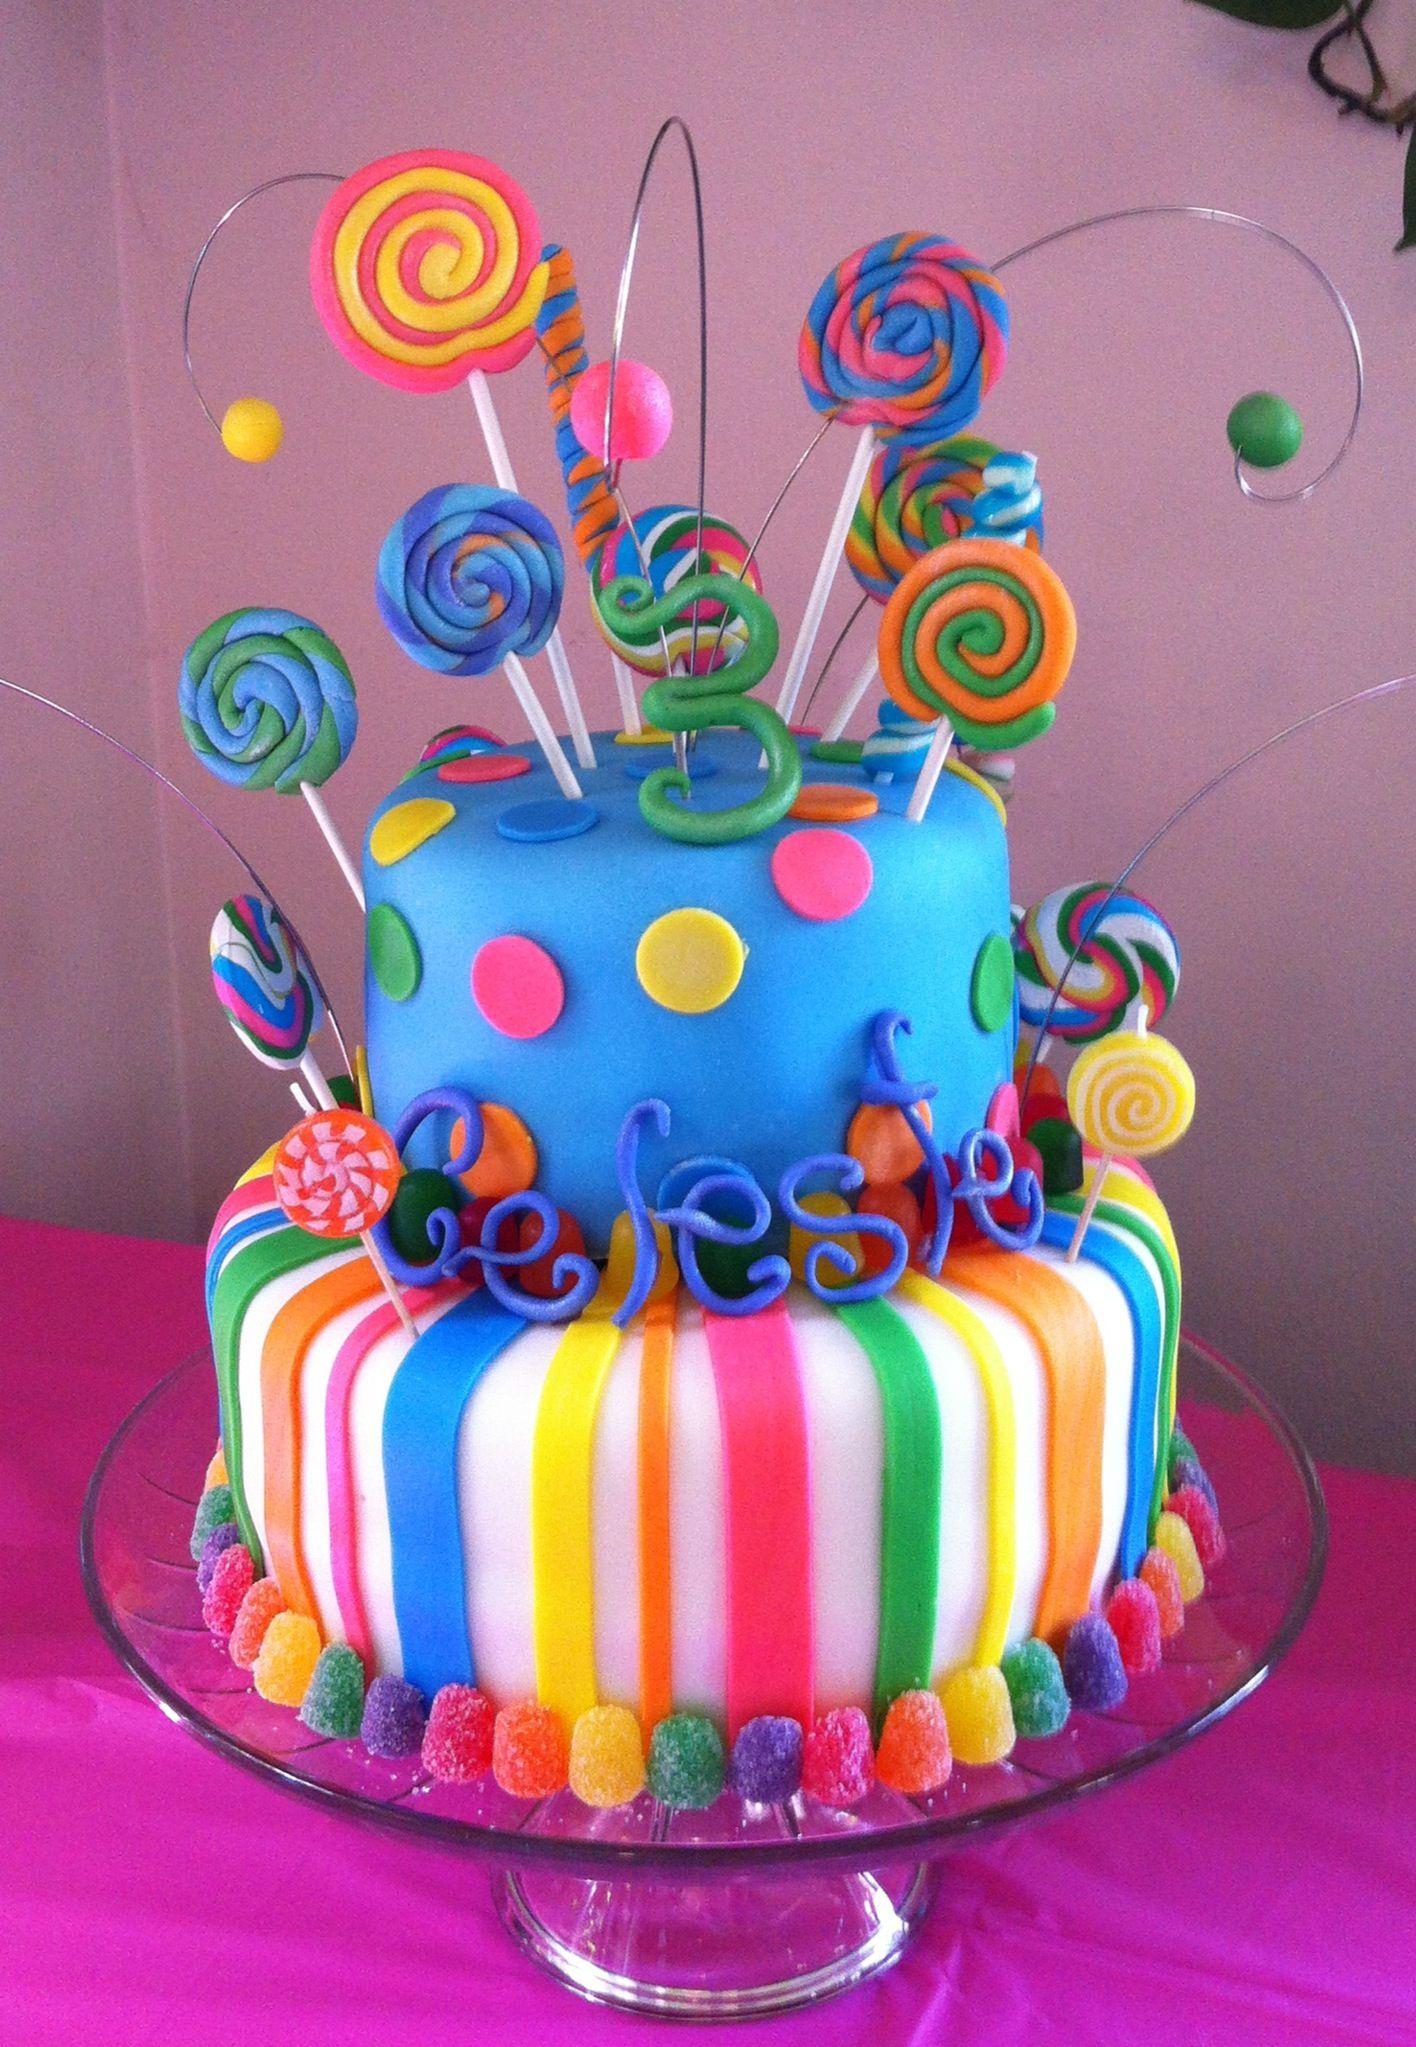 Birthday Cake Ideas Amazing : Amazing birthday cake delightfully adorable decorated ...